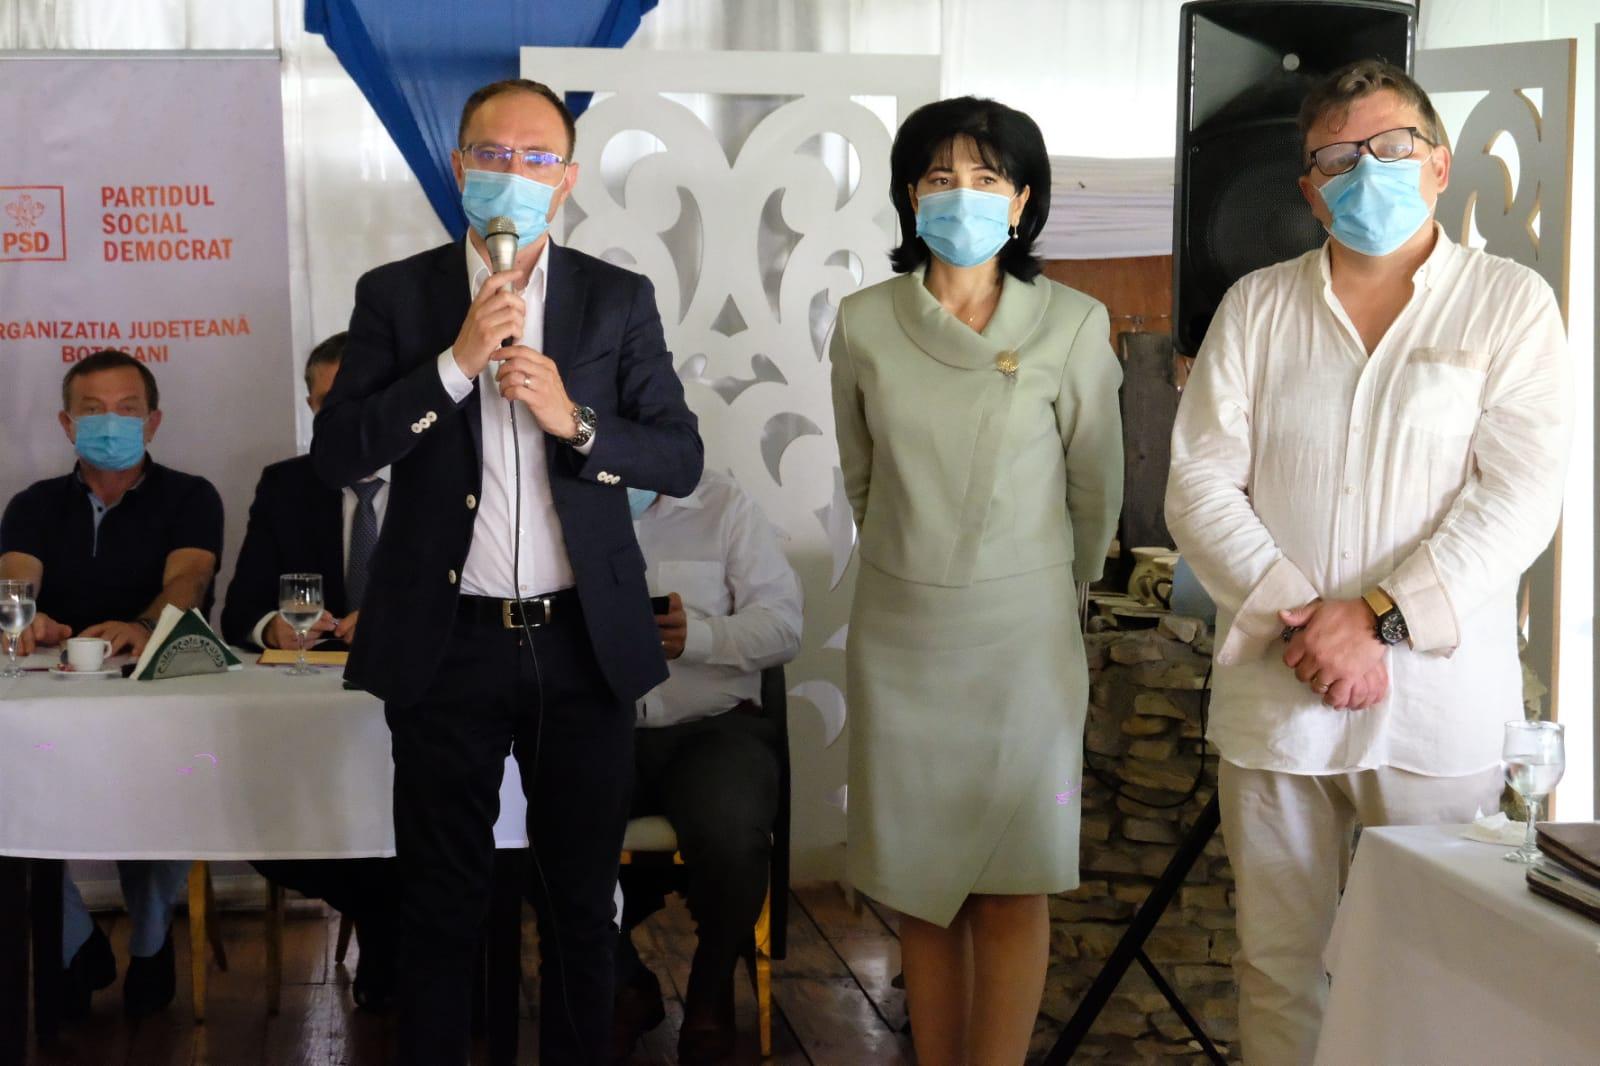 FOTO/  Președintele PSD Botoșani Doina Federovici a primit votul de încredere al colegilor pentru candidatura la șefia Consiliului Județean